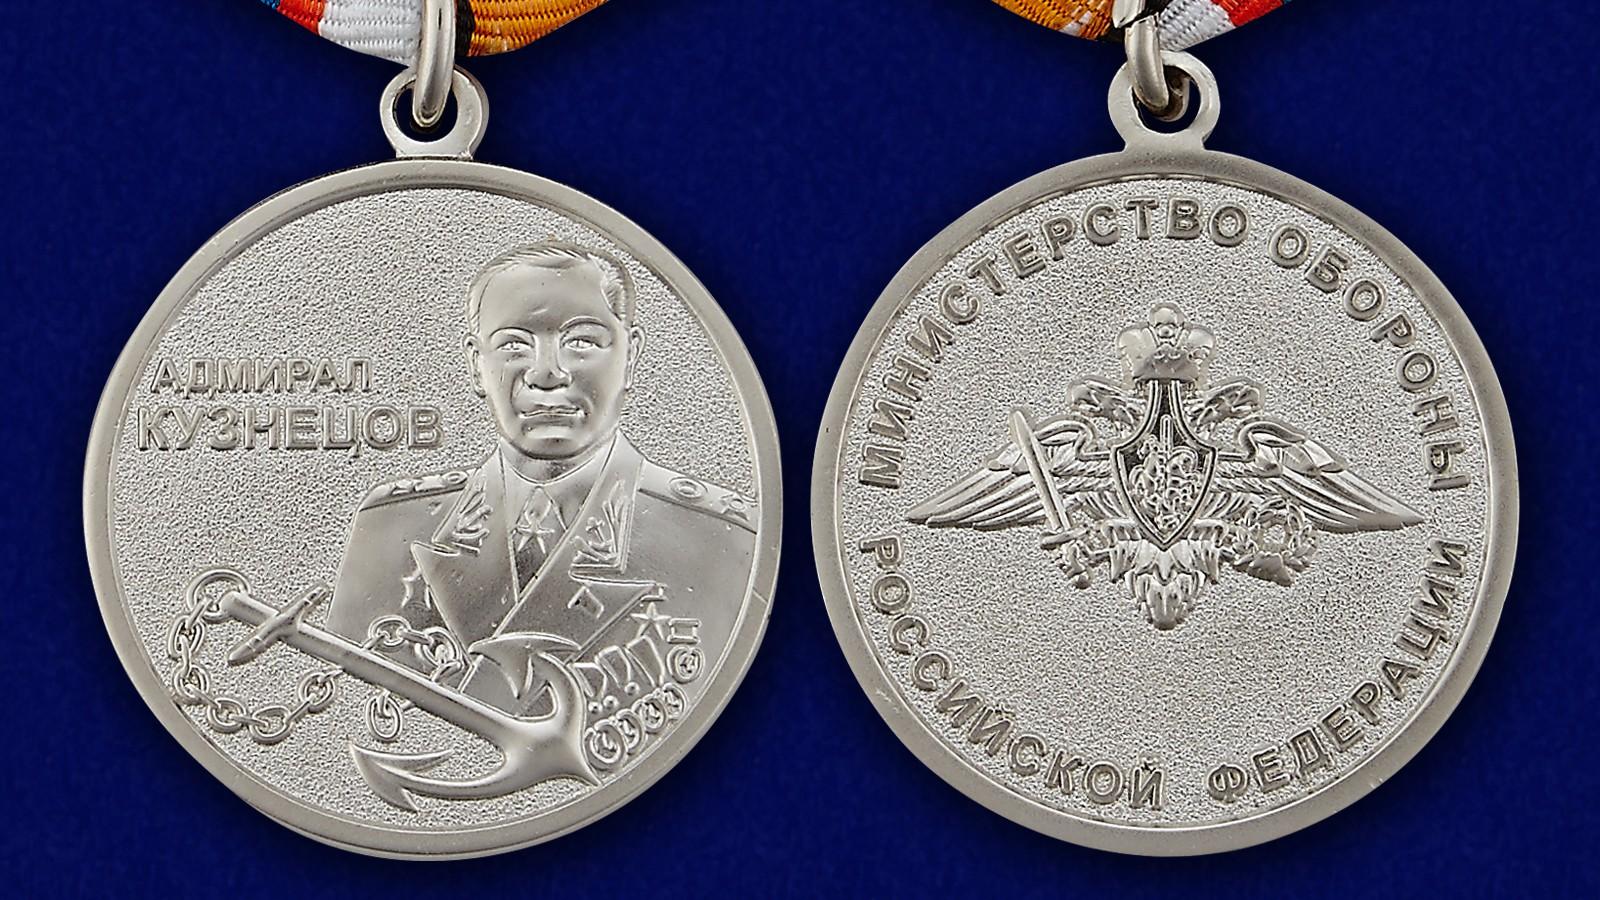 Медаль Адмирал Кузнецов - аверс и реверс